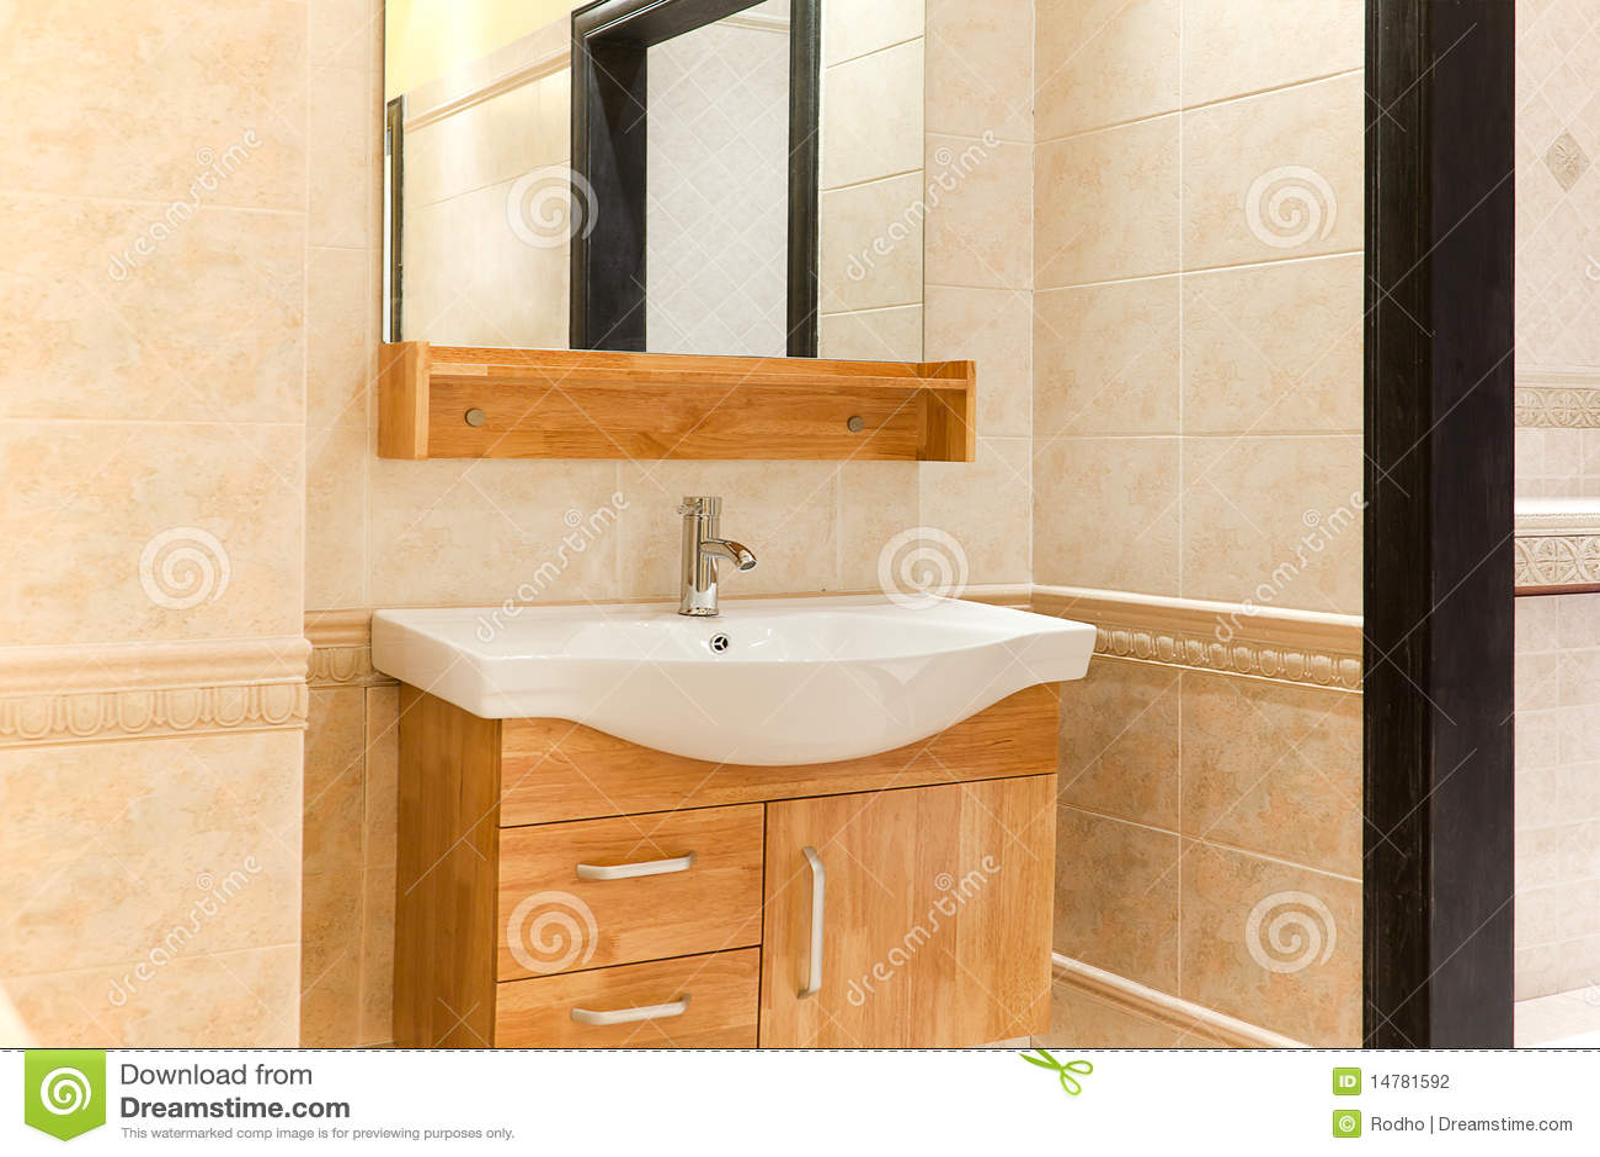 #824E16 Banheiro Bonito Fotografia de Stock Imagem: 14781592 1300x957 px Banheiros Bonitos Fotos 1519